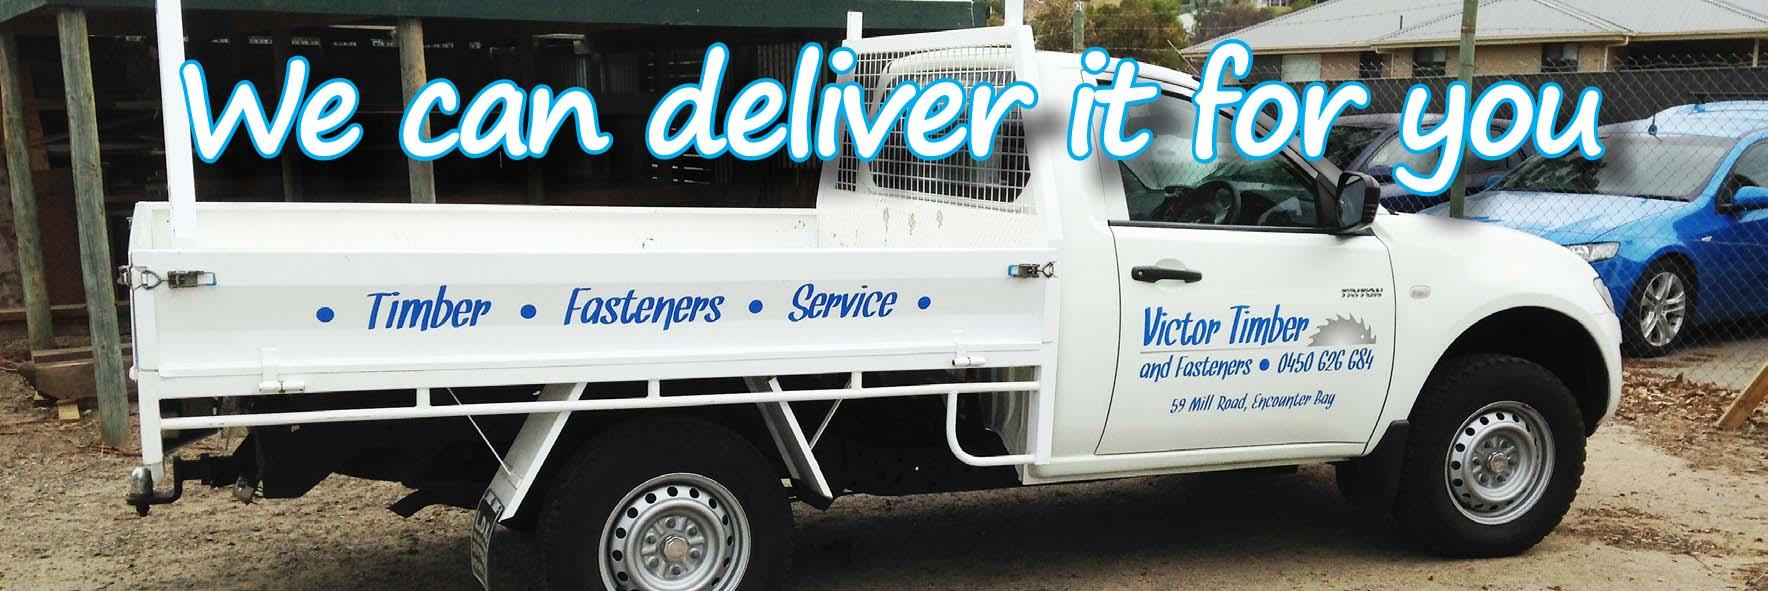 services header